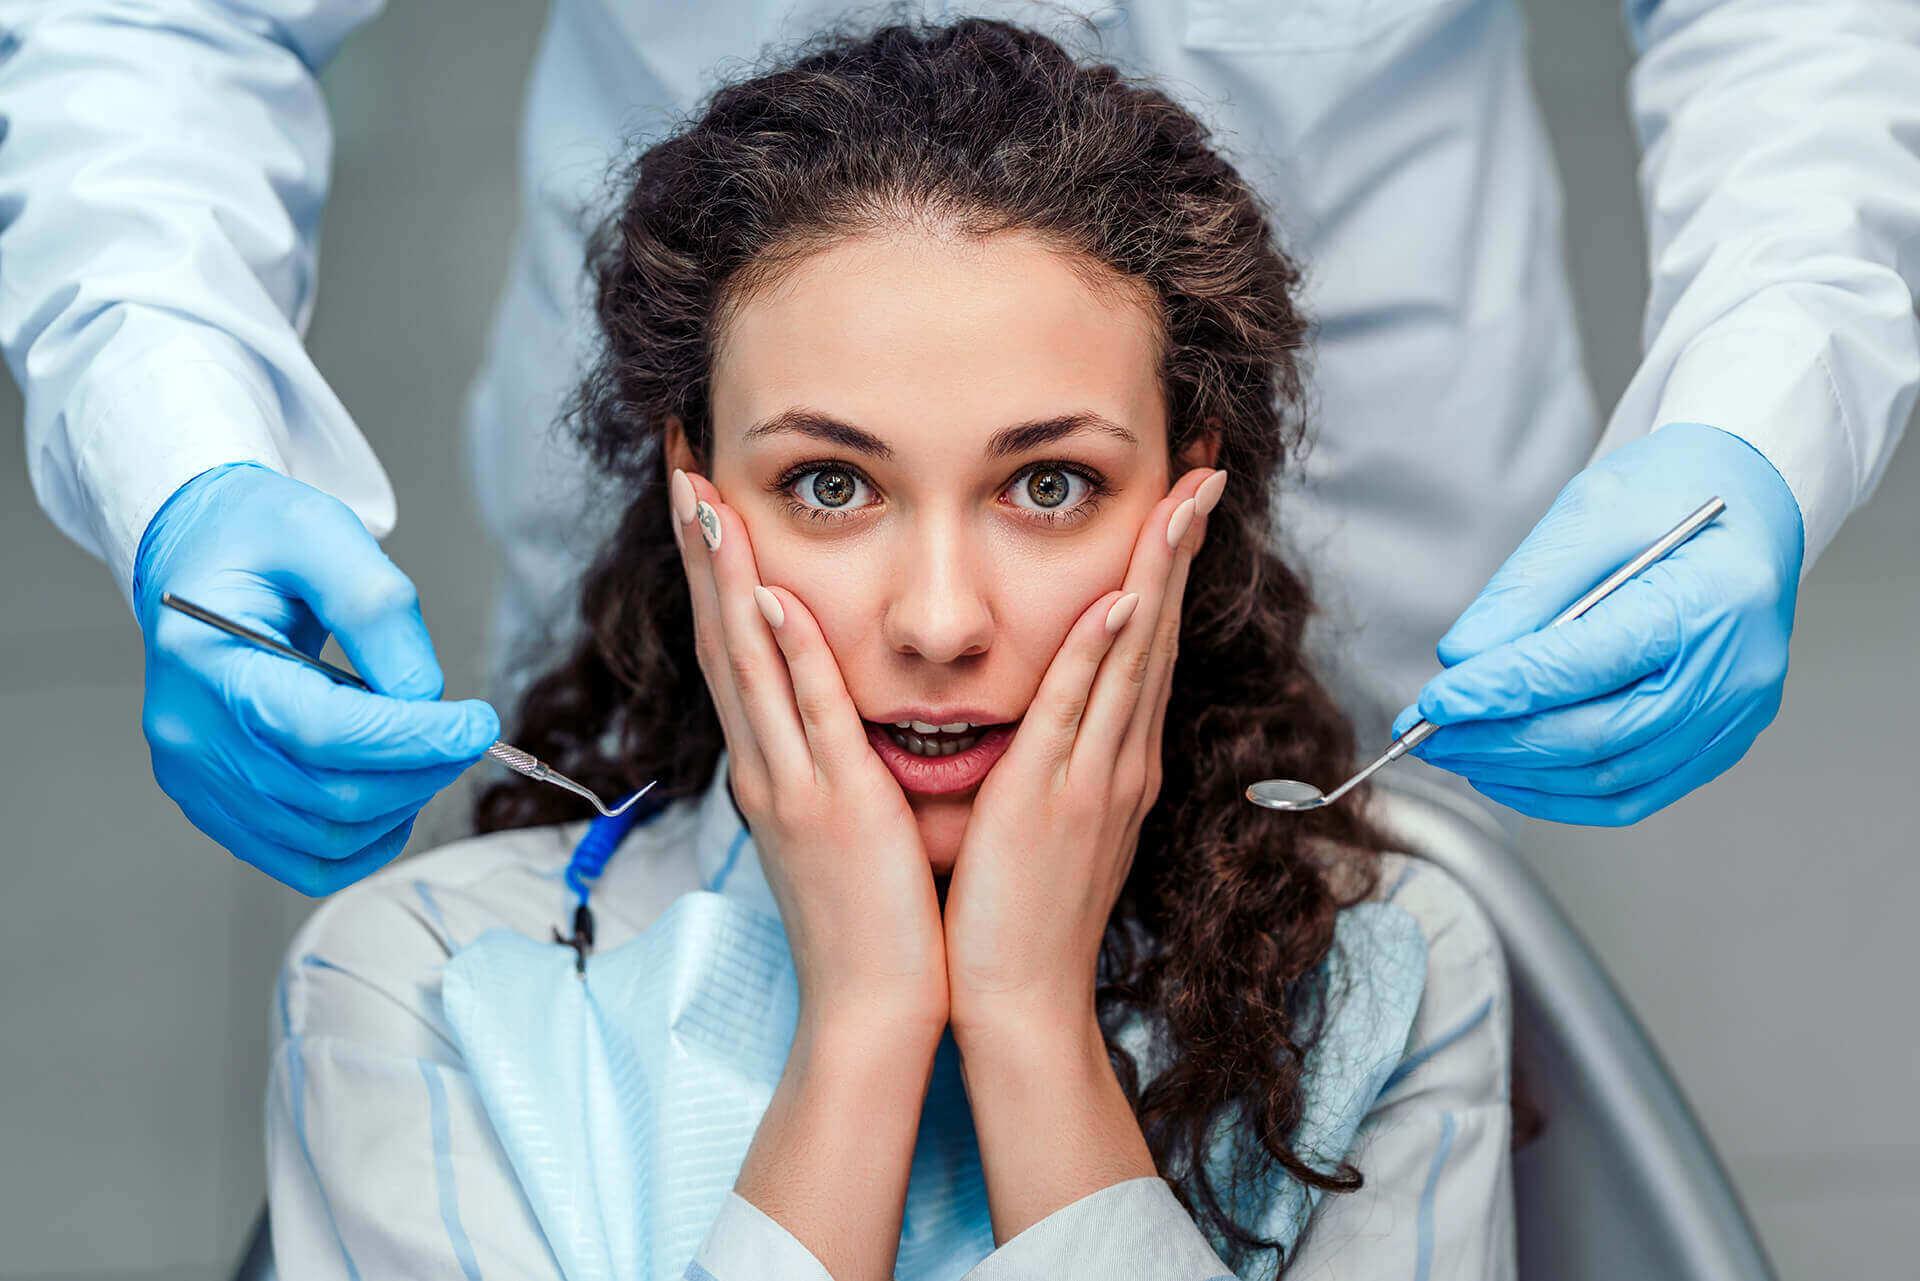 la peur du dentiste